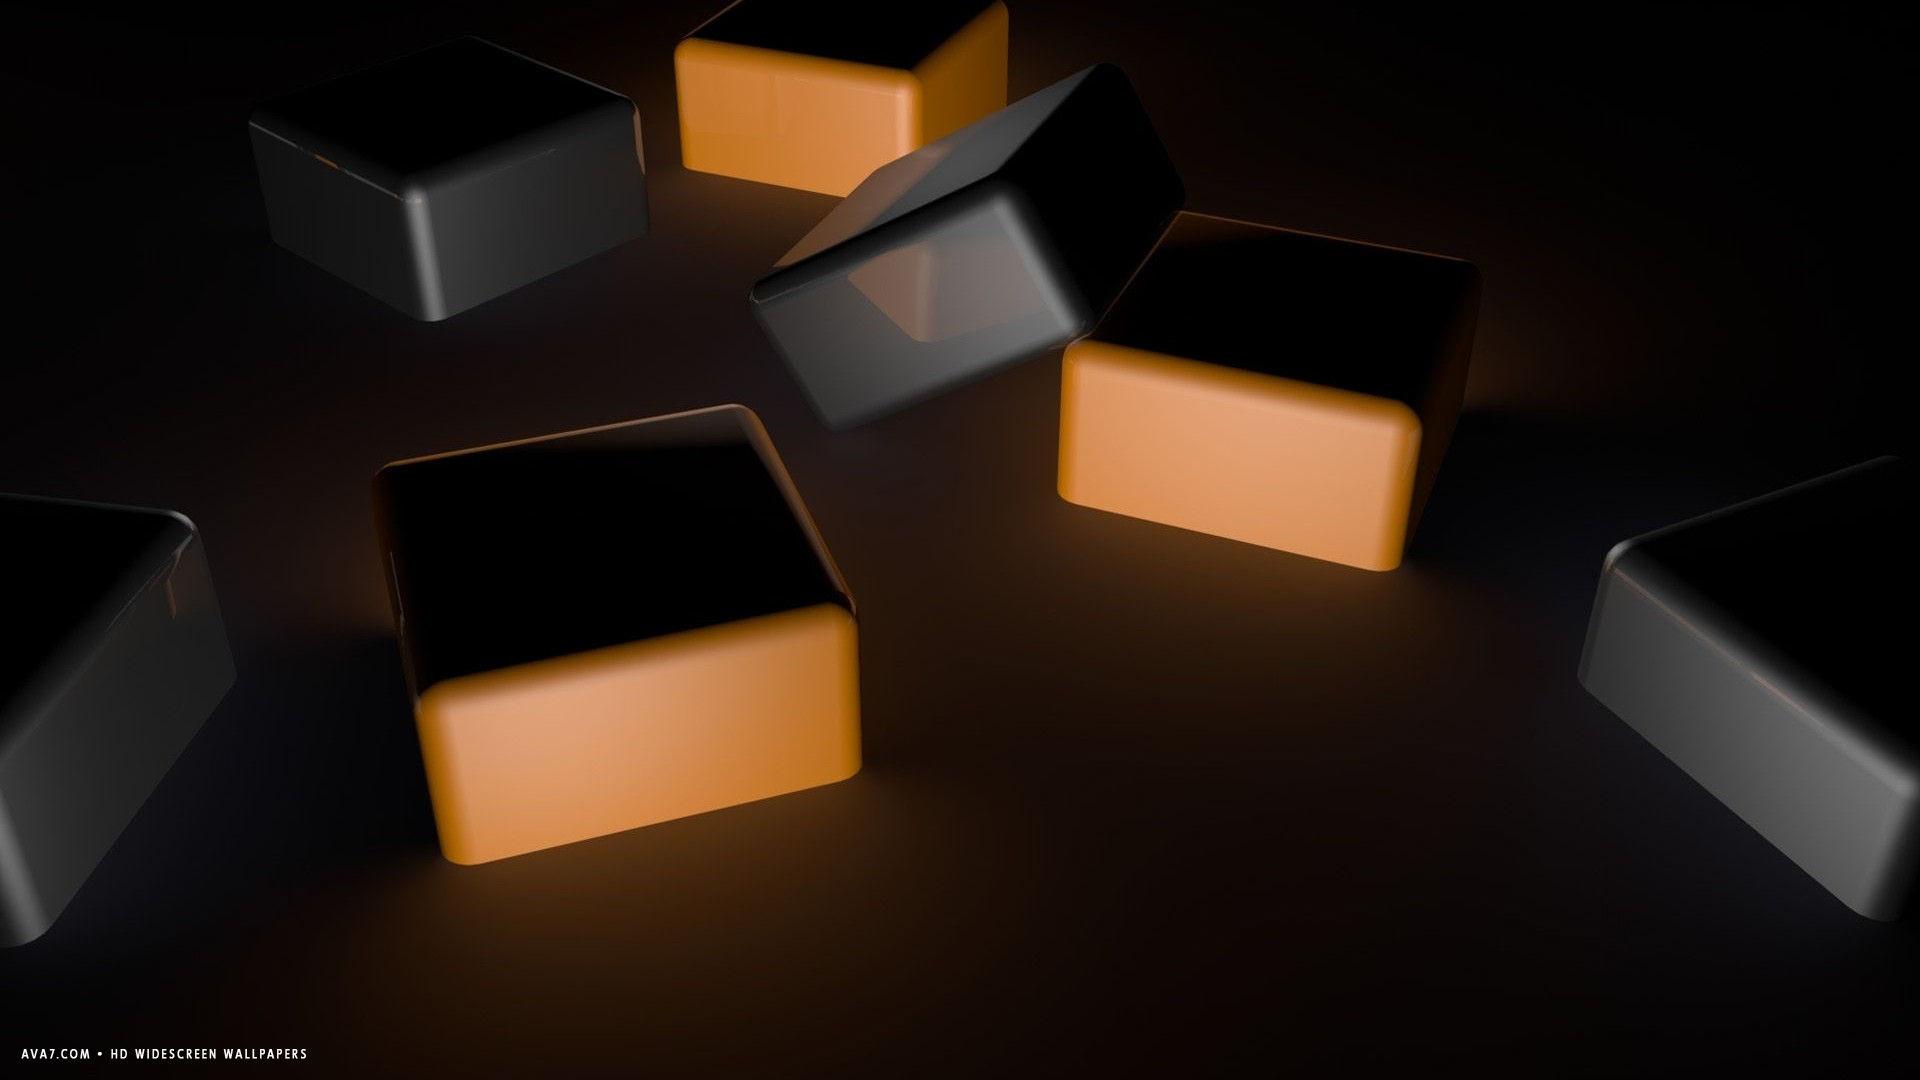 3d cubes dark orange hd widescreen wallpaper